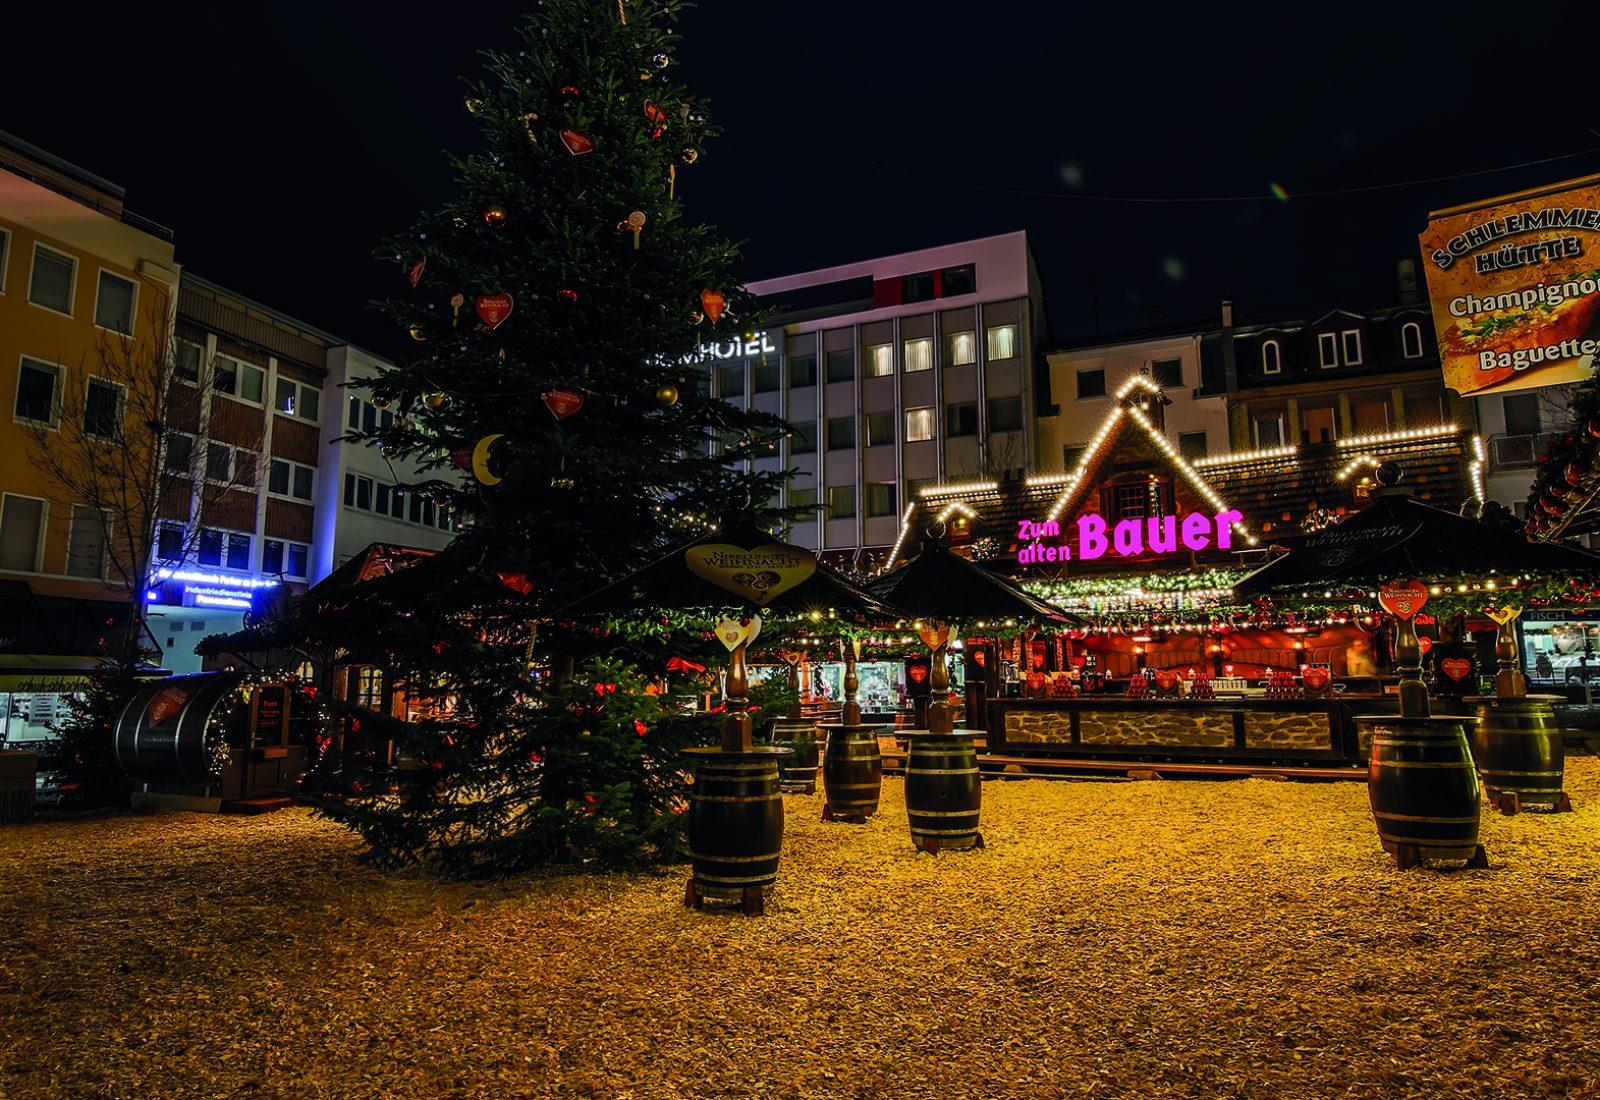 Zum-alten-Bauer-Referenzen-Stuttgart-Nibelungen-Weihnacht